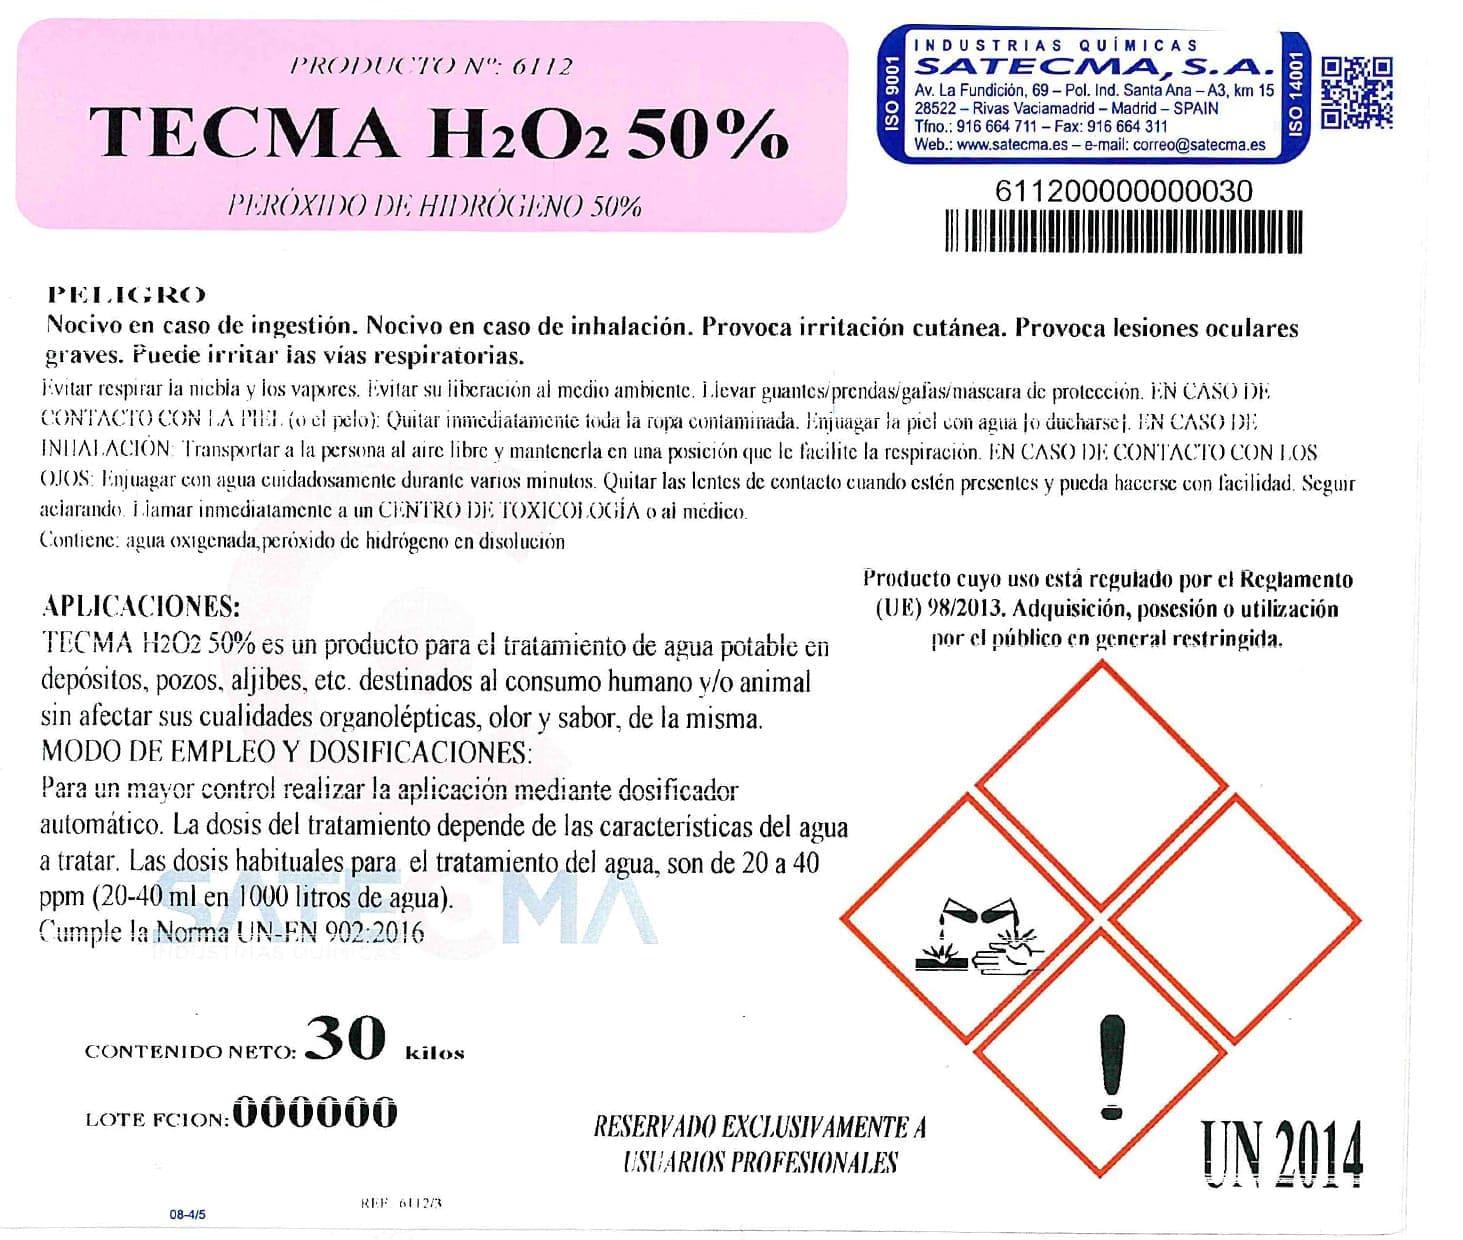 peróxico de hidrógeno etiqueta TECMA-H2O2-50